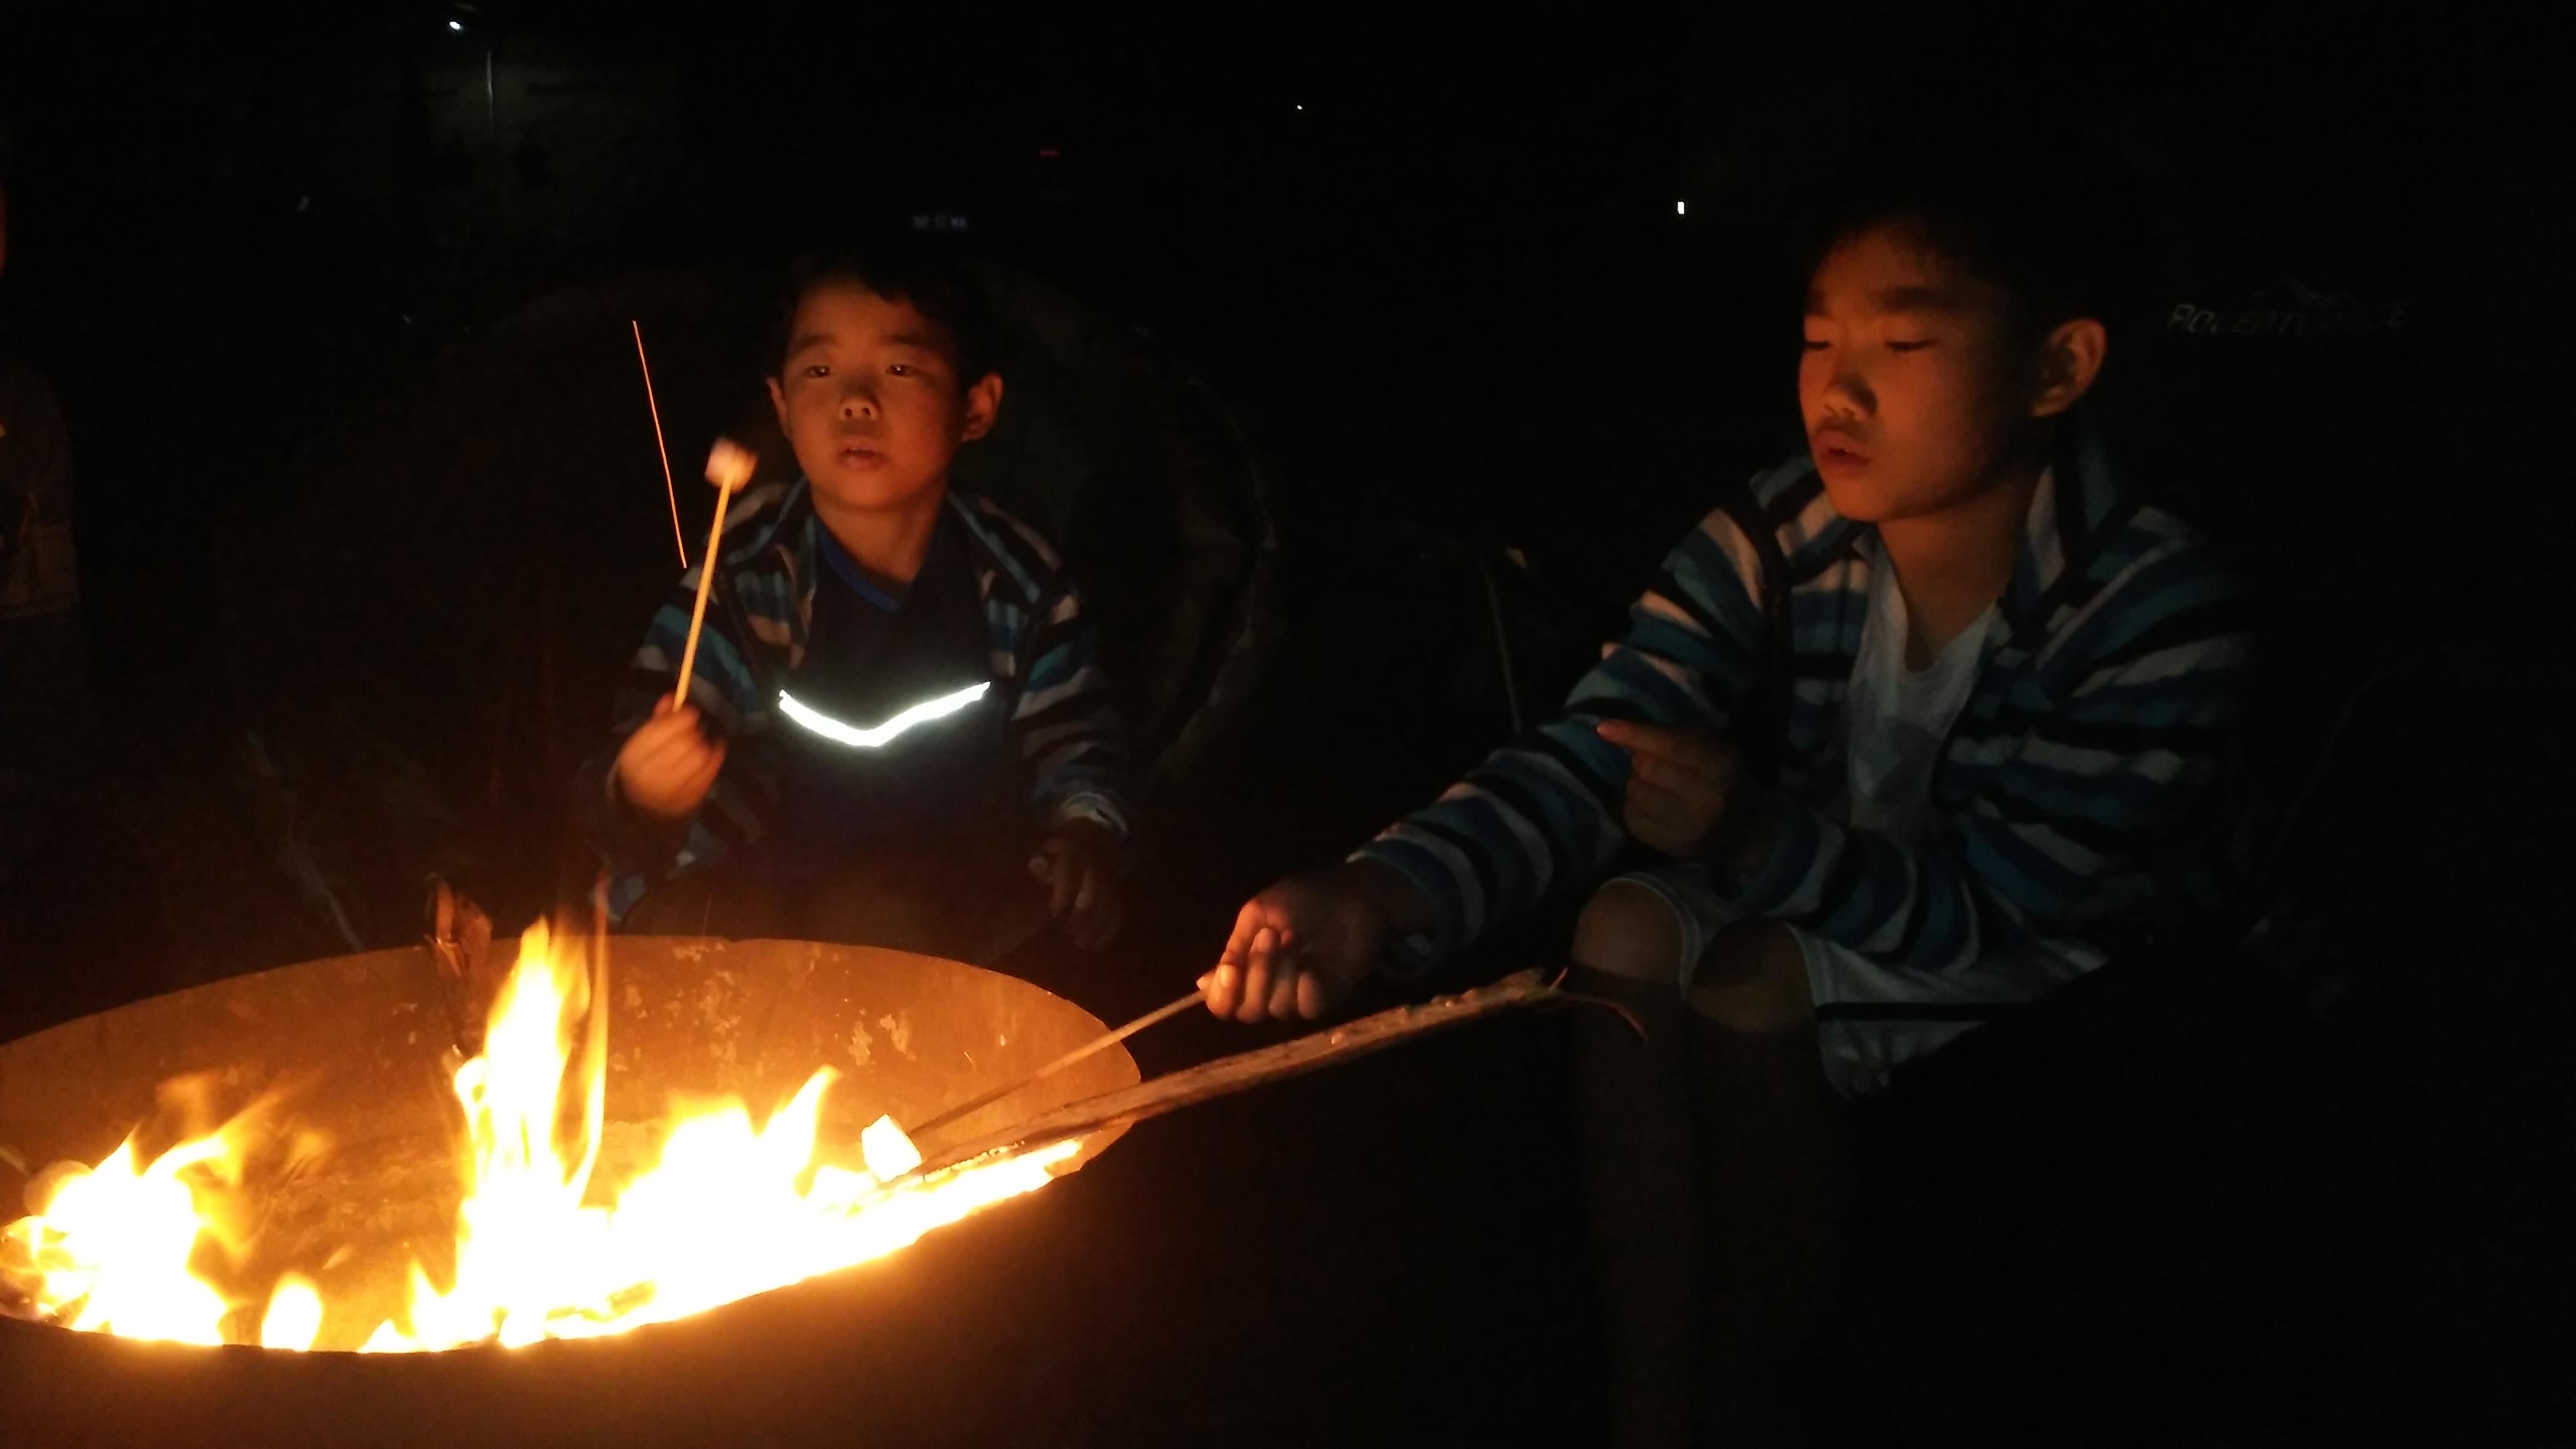 Pemberton camping 넷째날